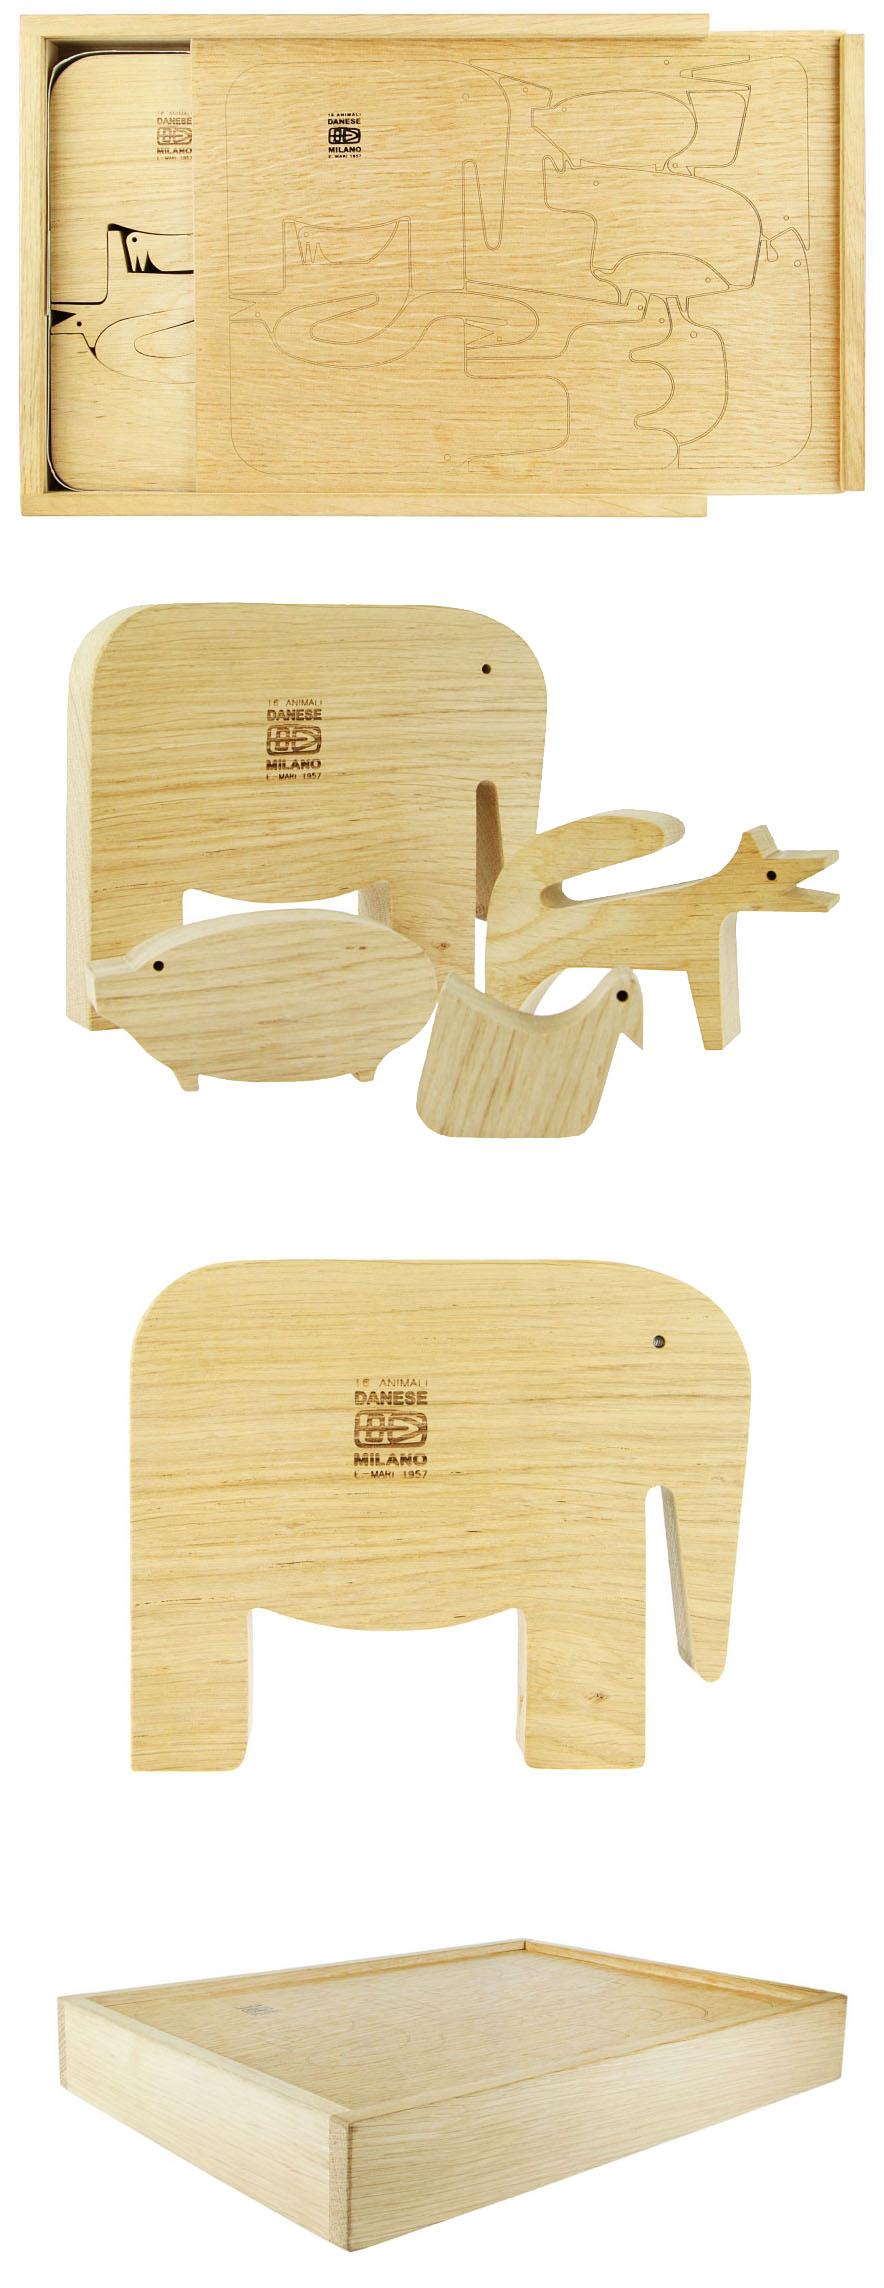 Enzo mari 16 animali puzzle danese milano sale nova68 for Danese design milano